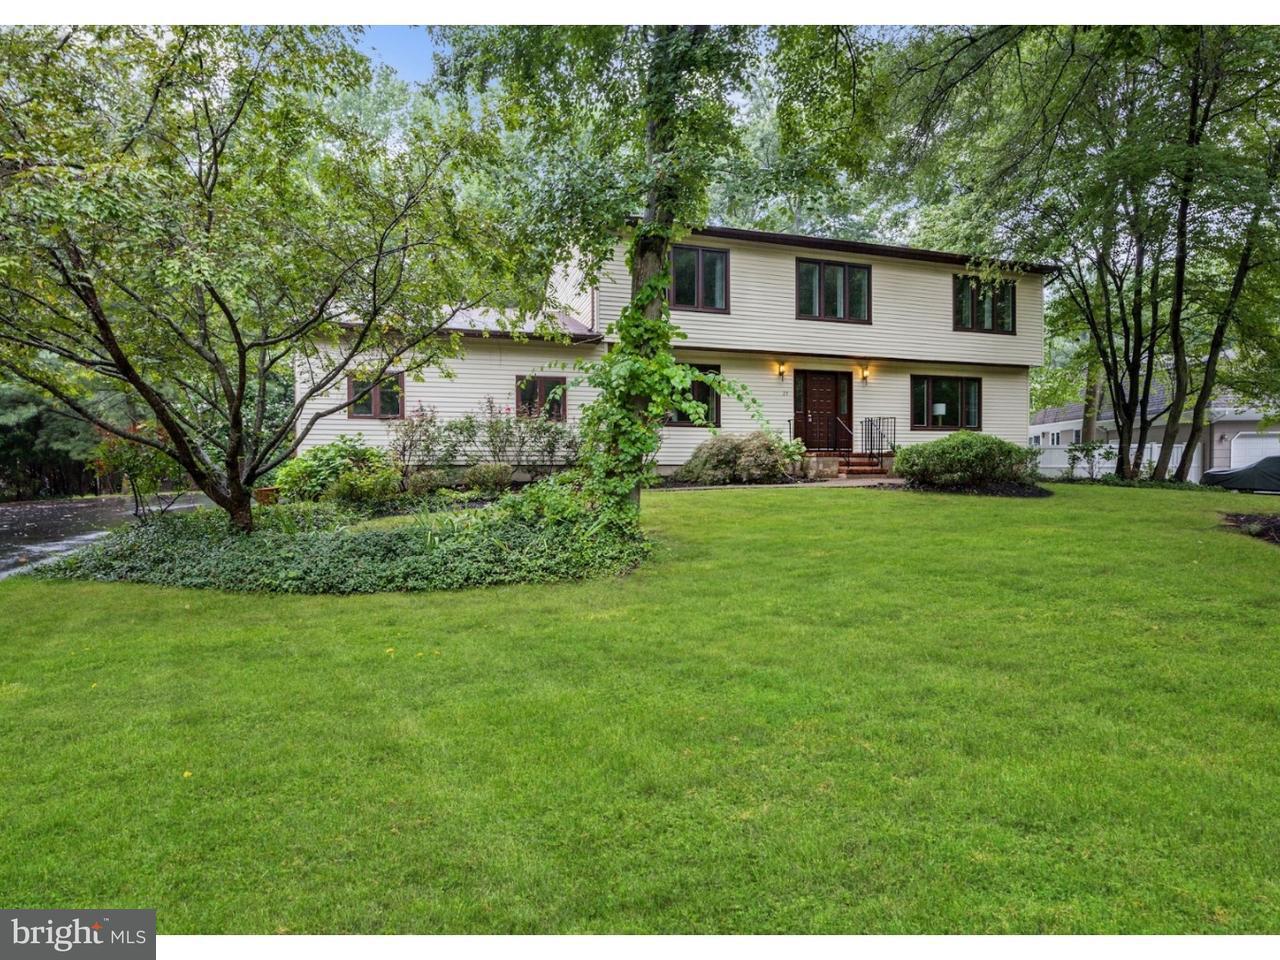 Casa Unifamiliar por un Alquiler en 29 BENFORD Drive West Windsor, Nueva Jersey 08550 Estados UnidosEn/Alrededor: West Windsor Twp